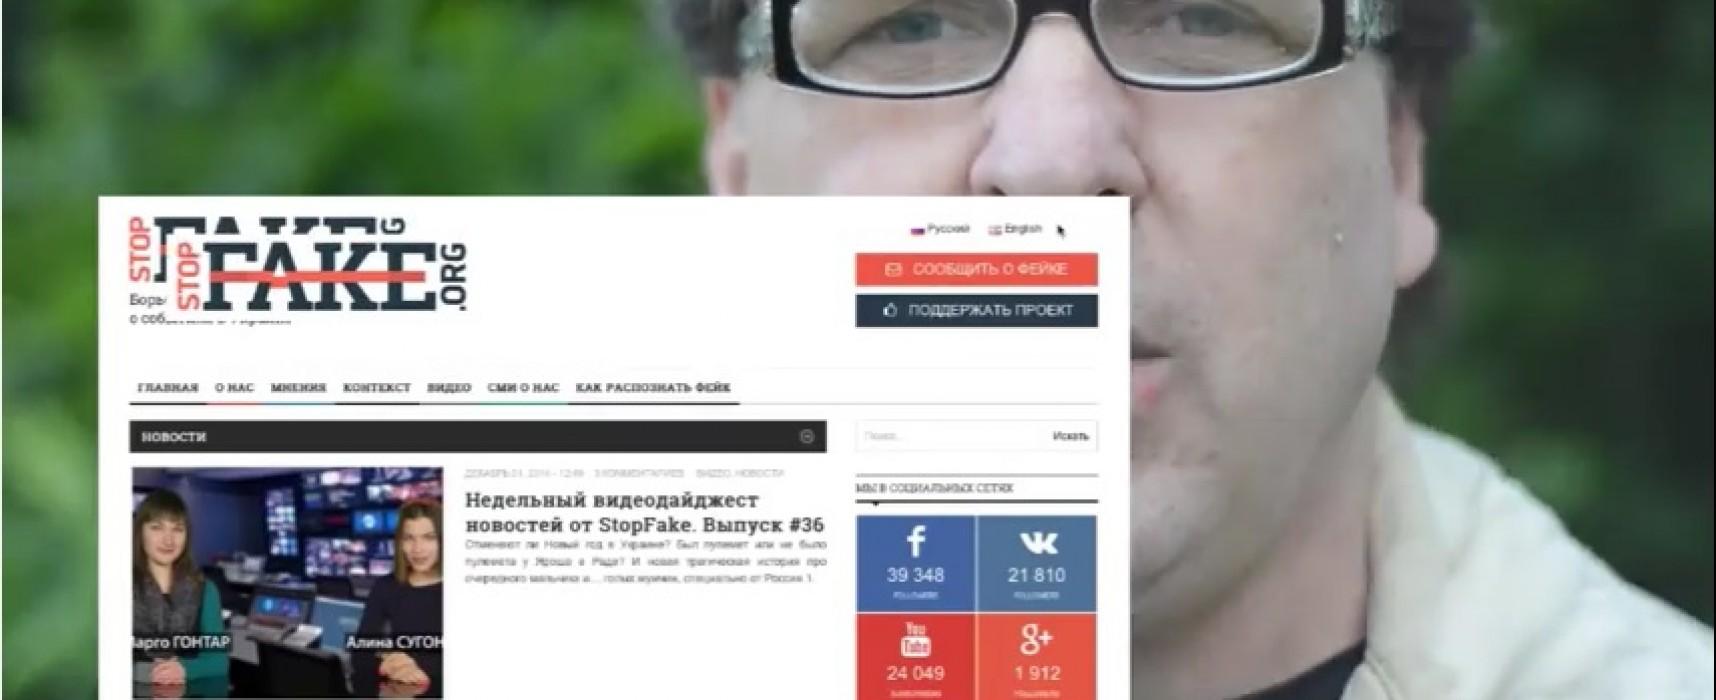 StopFake.org Top 75 Review